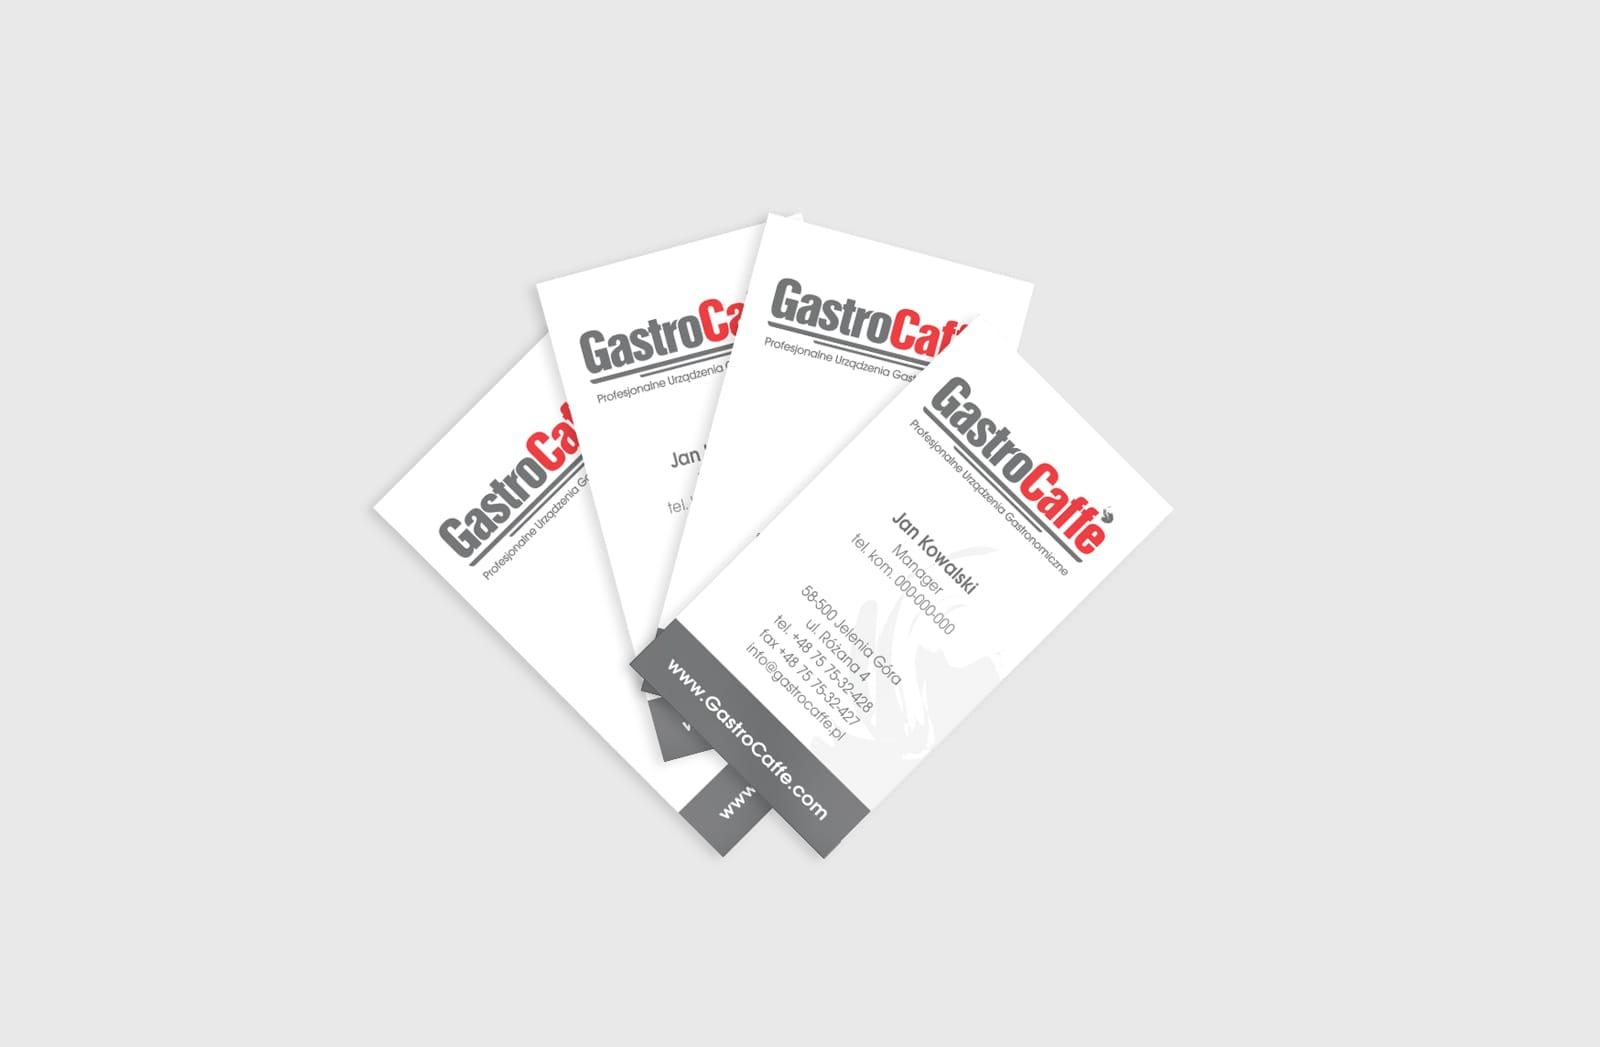 Gastrocaffe identyfikacje wizualne projektowanie logo firmowych Agencja brandingowa Moweli Creative